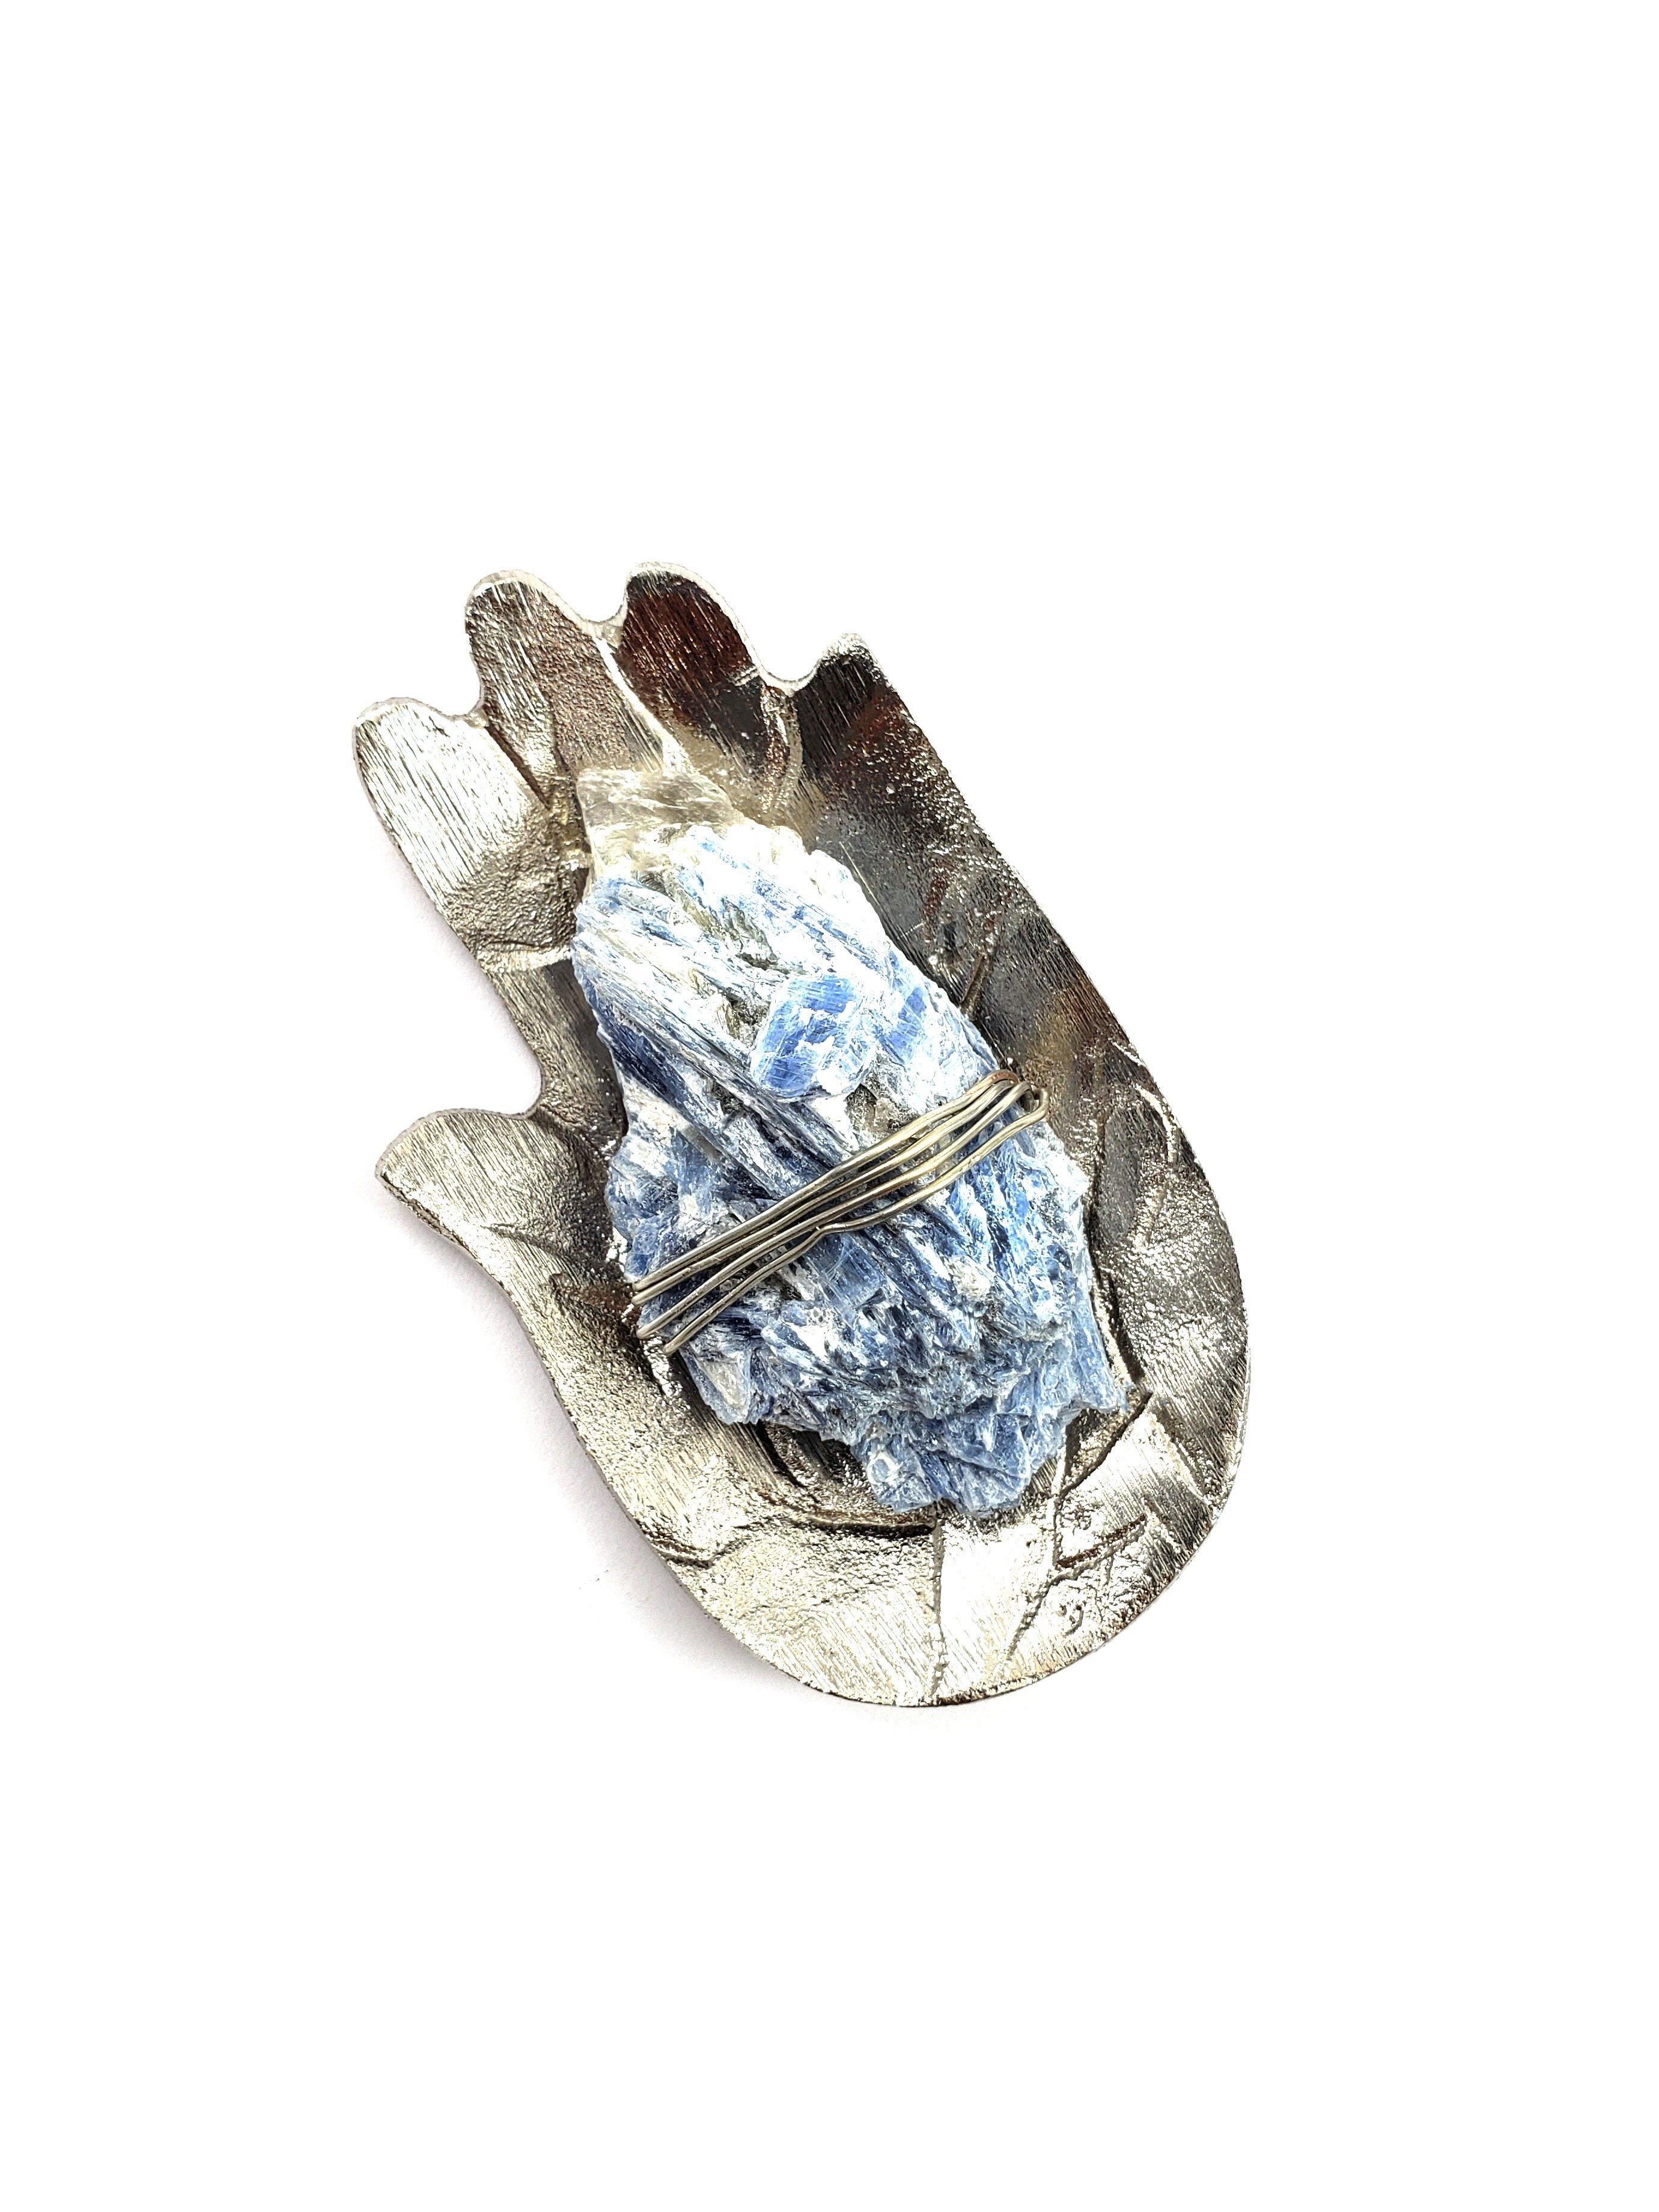 Healing Crystal Hand Dish ヒーリングクリスタル ハンドディッシュ